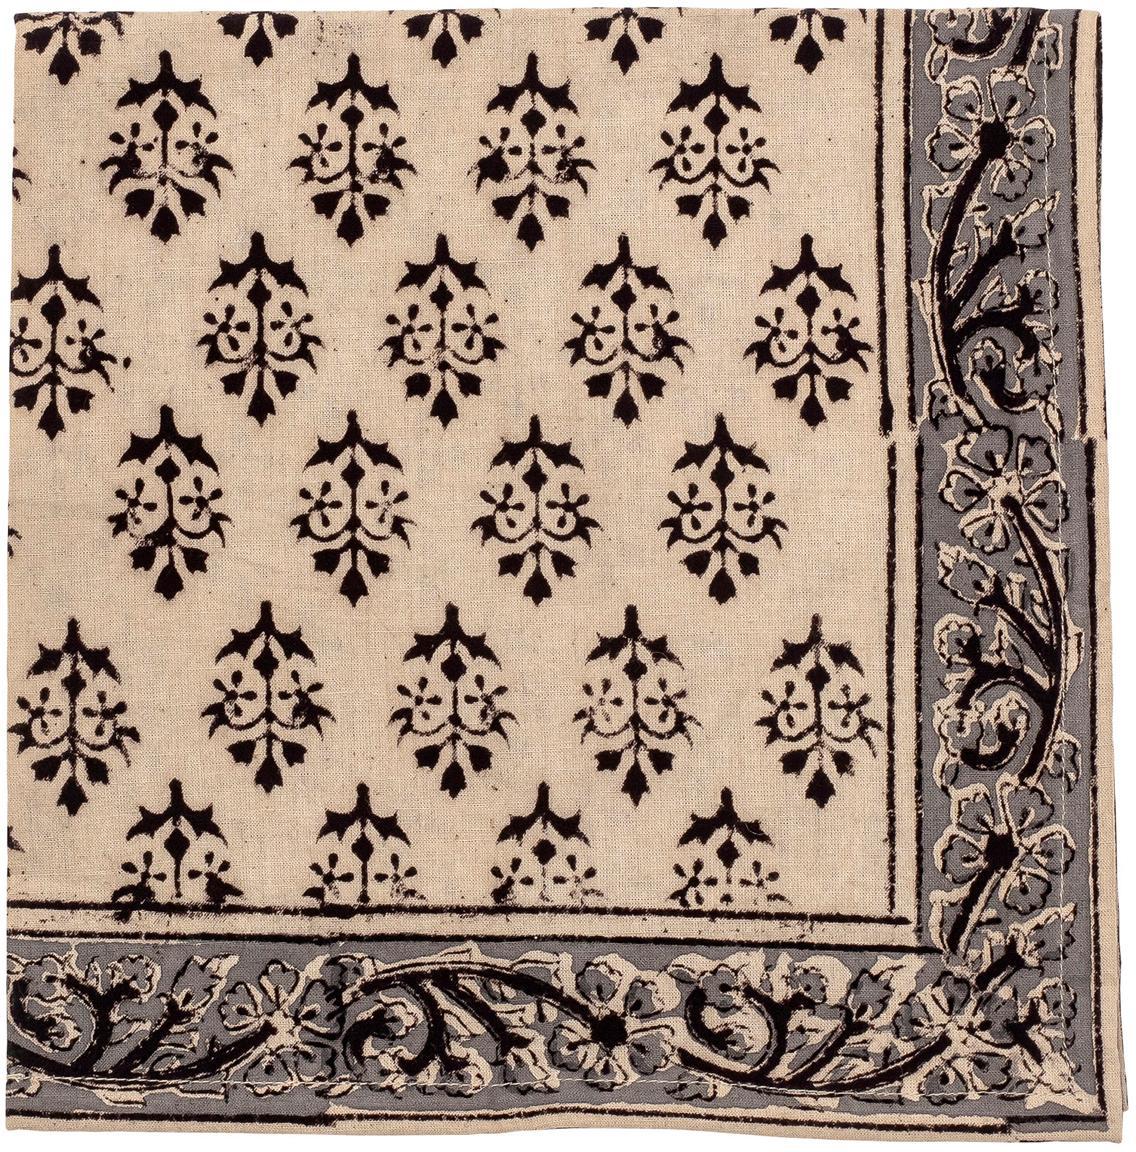 Serwetka z bawełny Kira, 4 szt., Bawełna, Beżowy, czarny, S 50 x D 50 cm